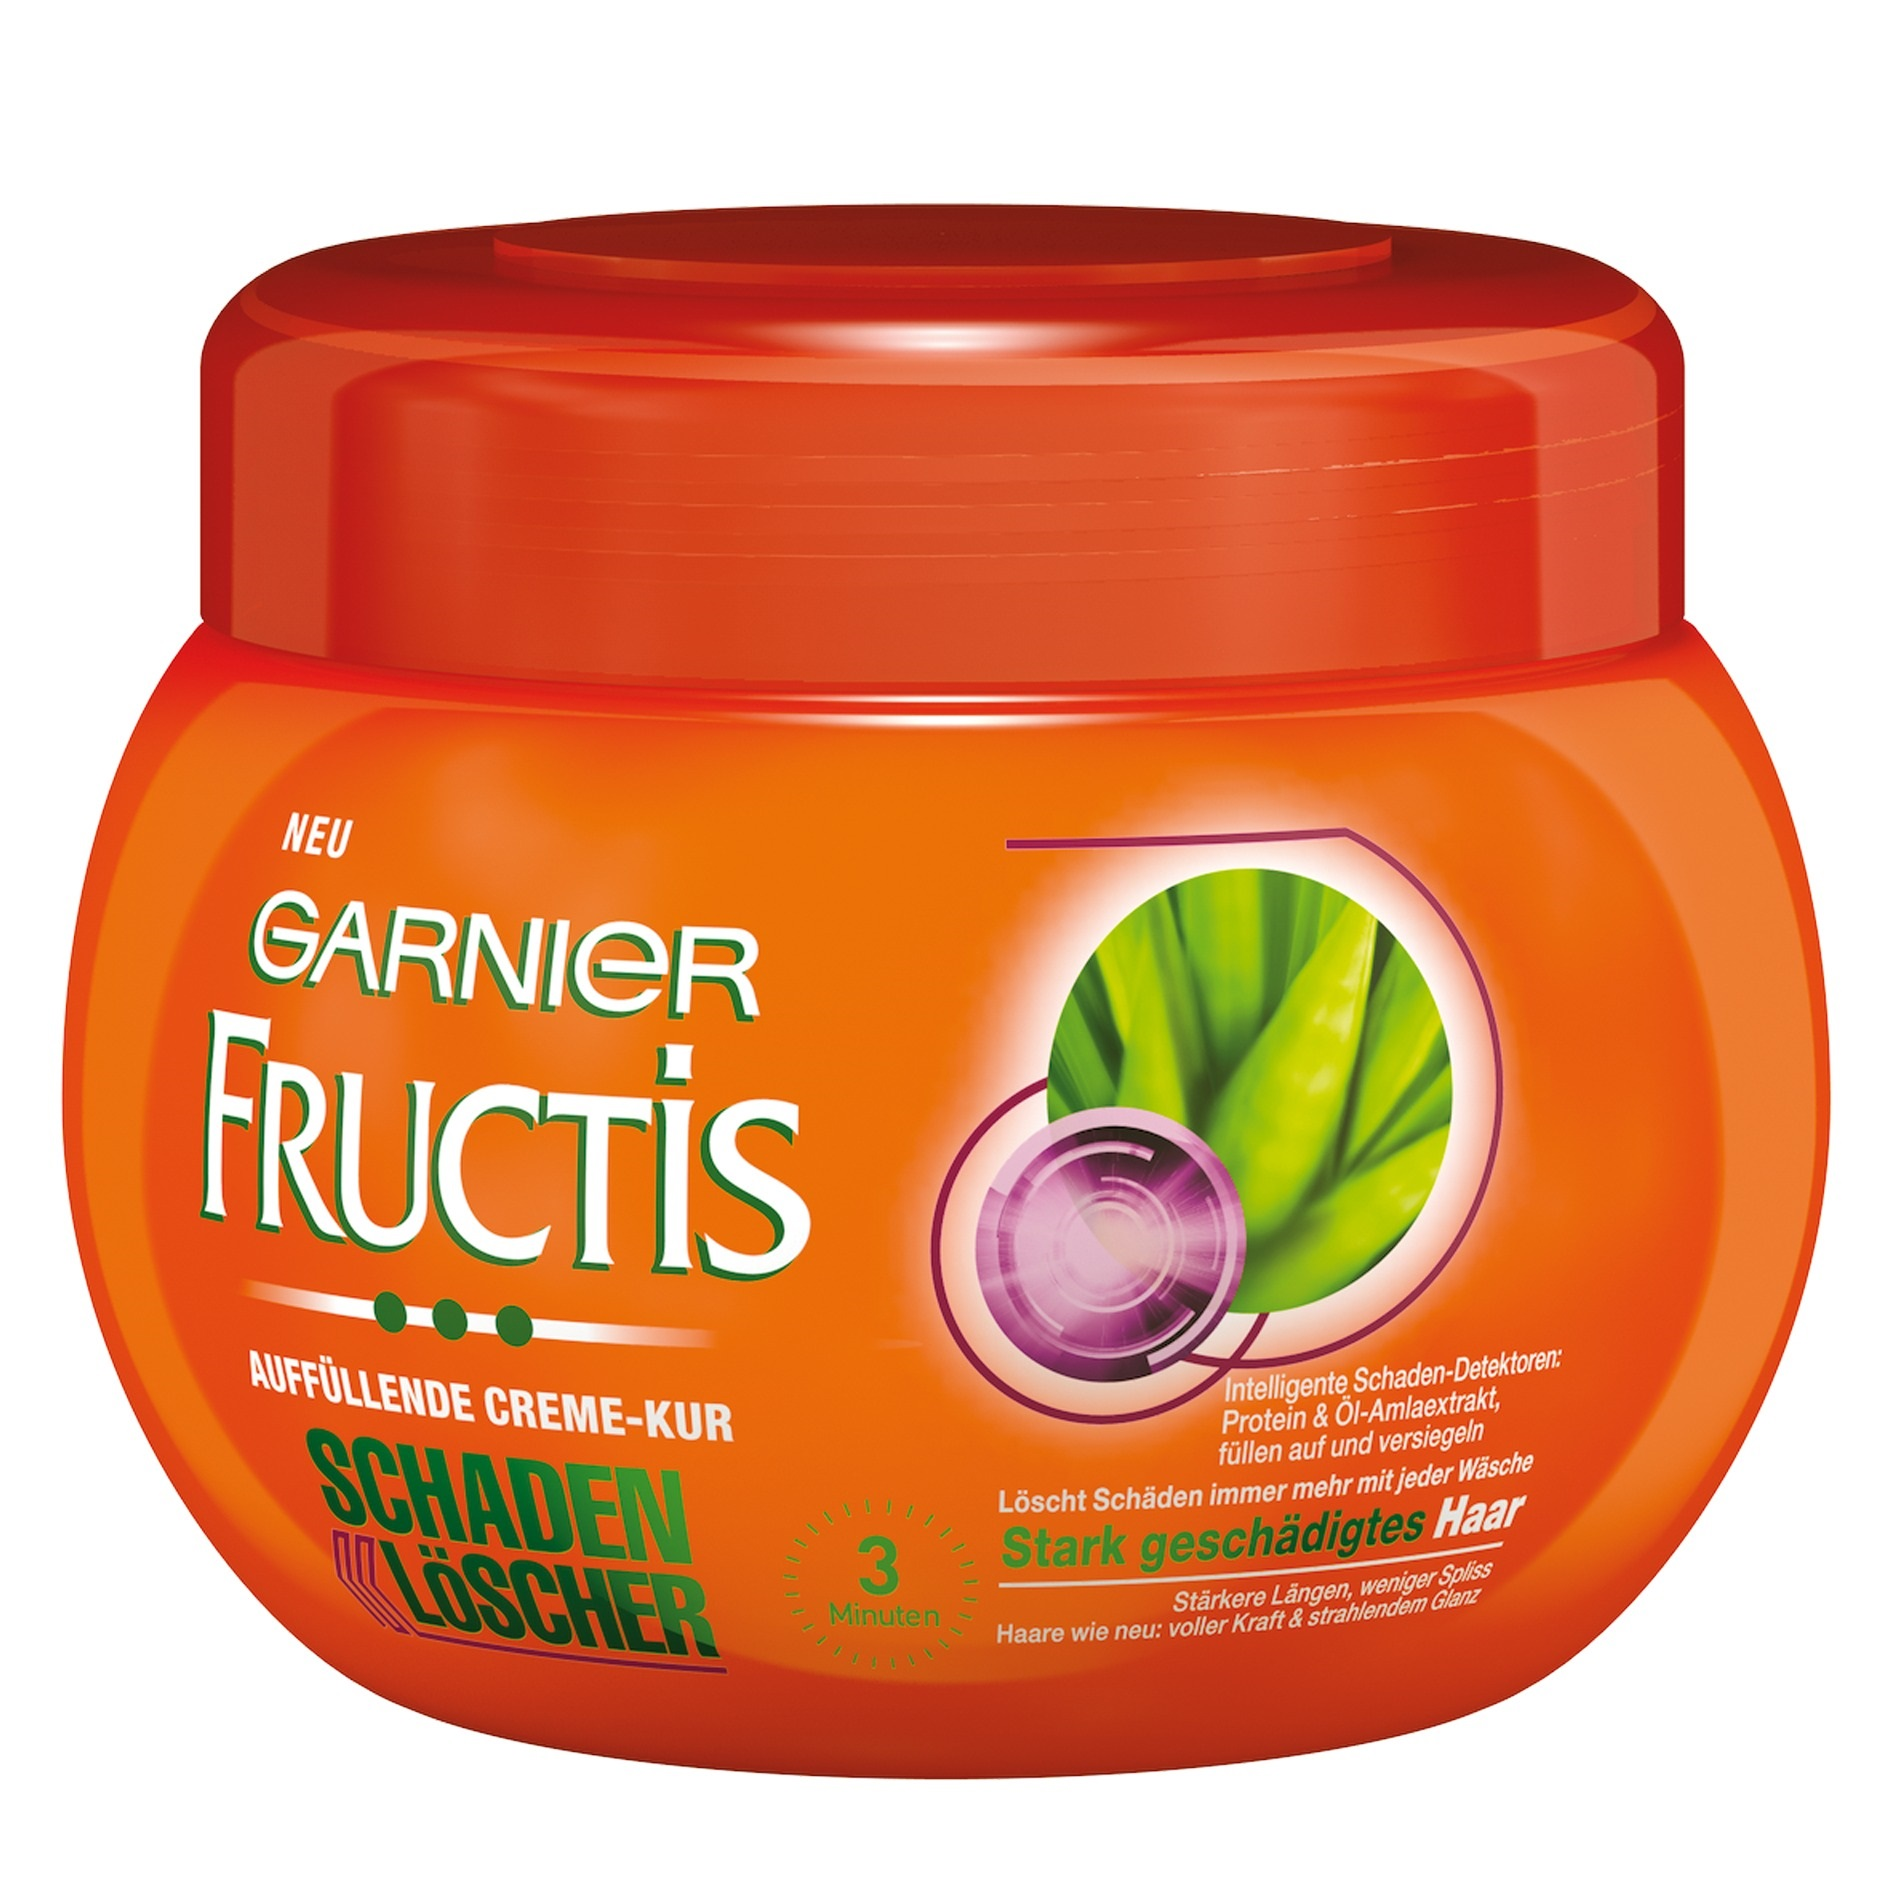 Garnier Fructis Creme-Kur Schaden-Löscher 300ml